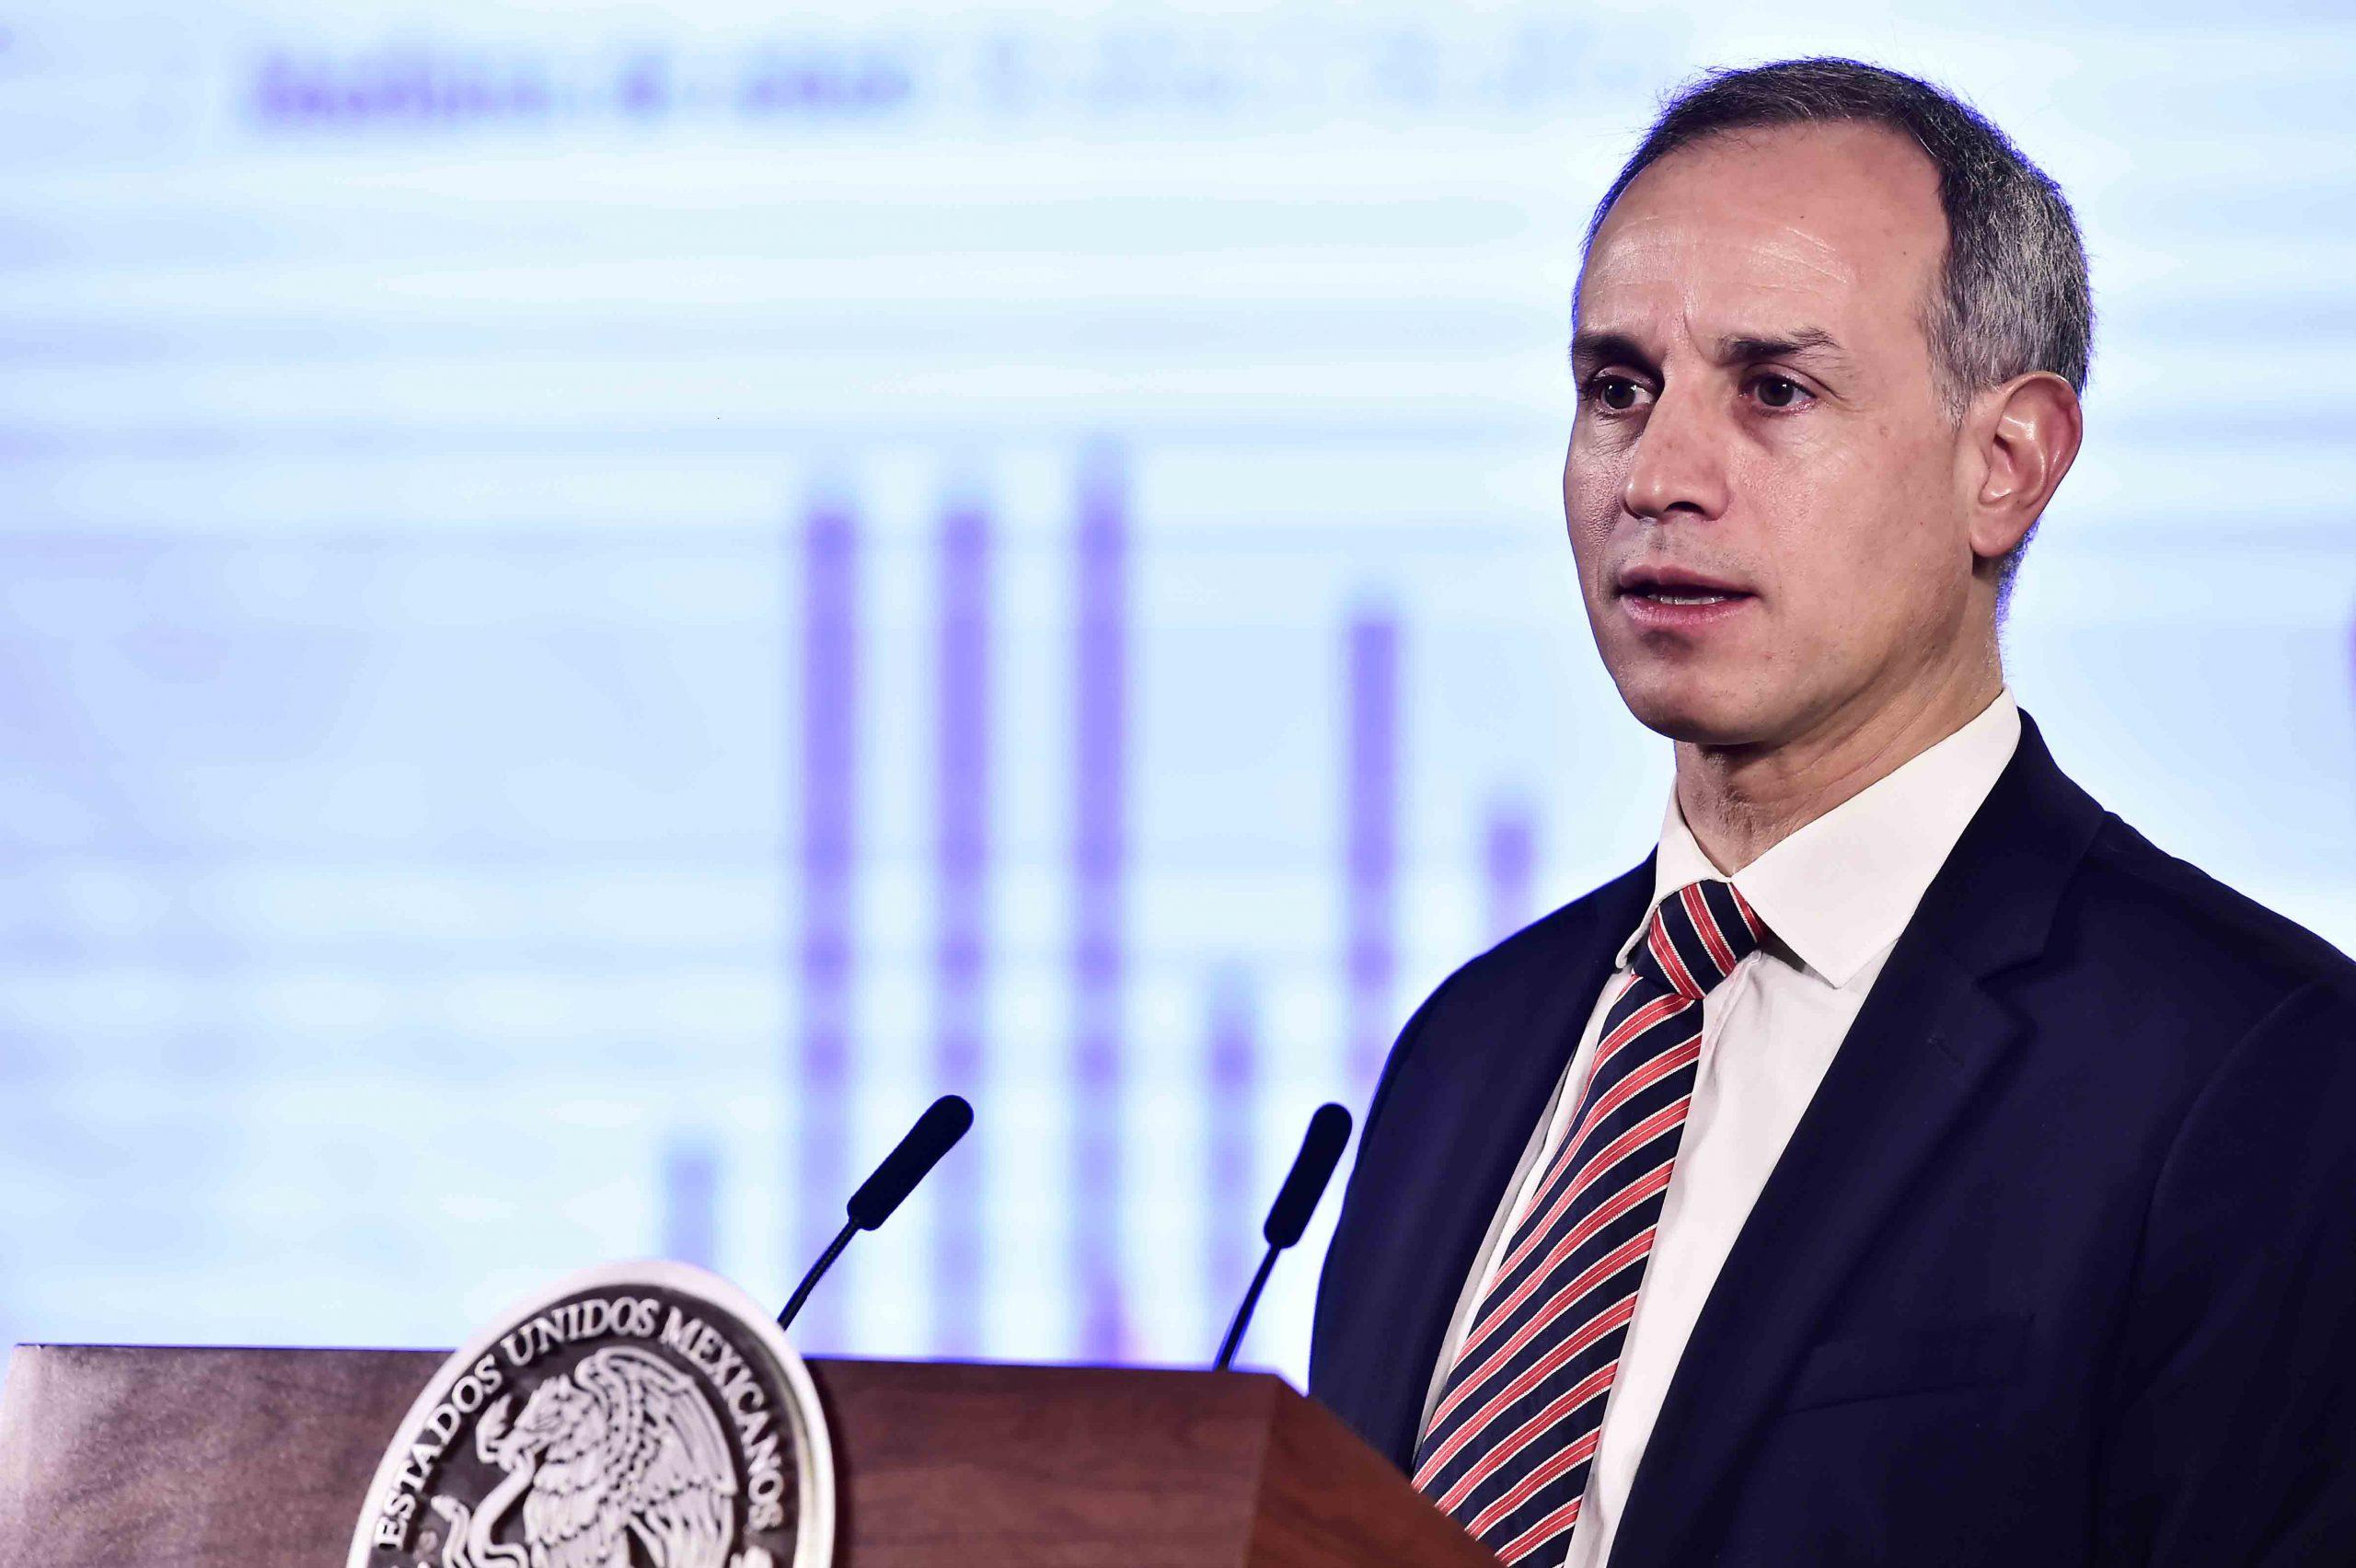 El subsecretario de Prevención y Promoción de la Salud, Hugo López-Gatell en conferencia en la Ciudad de México, México, 21 de abril de 2020.